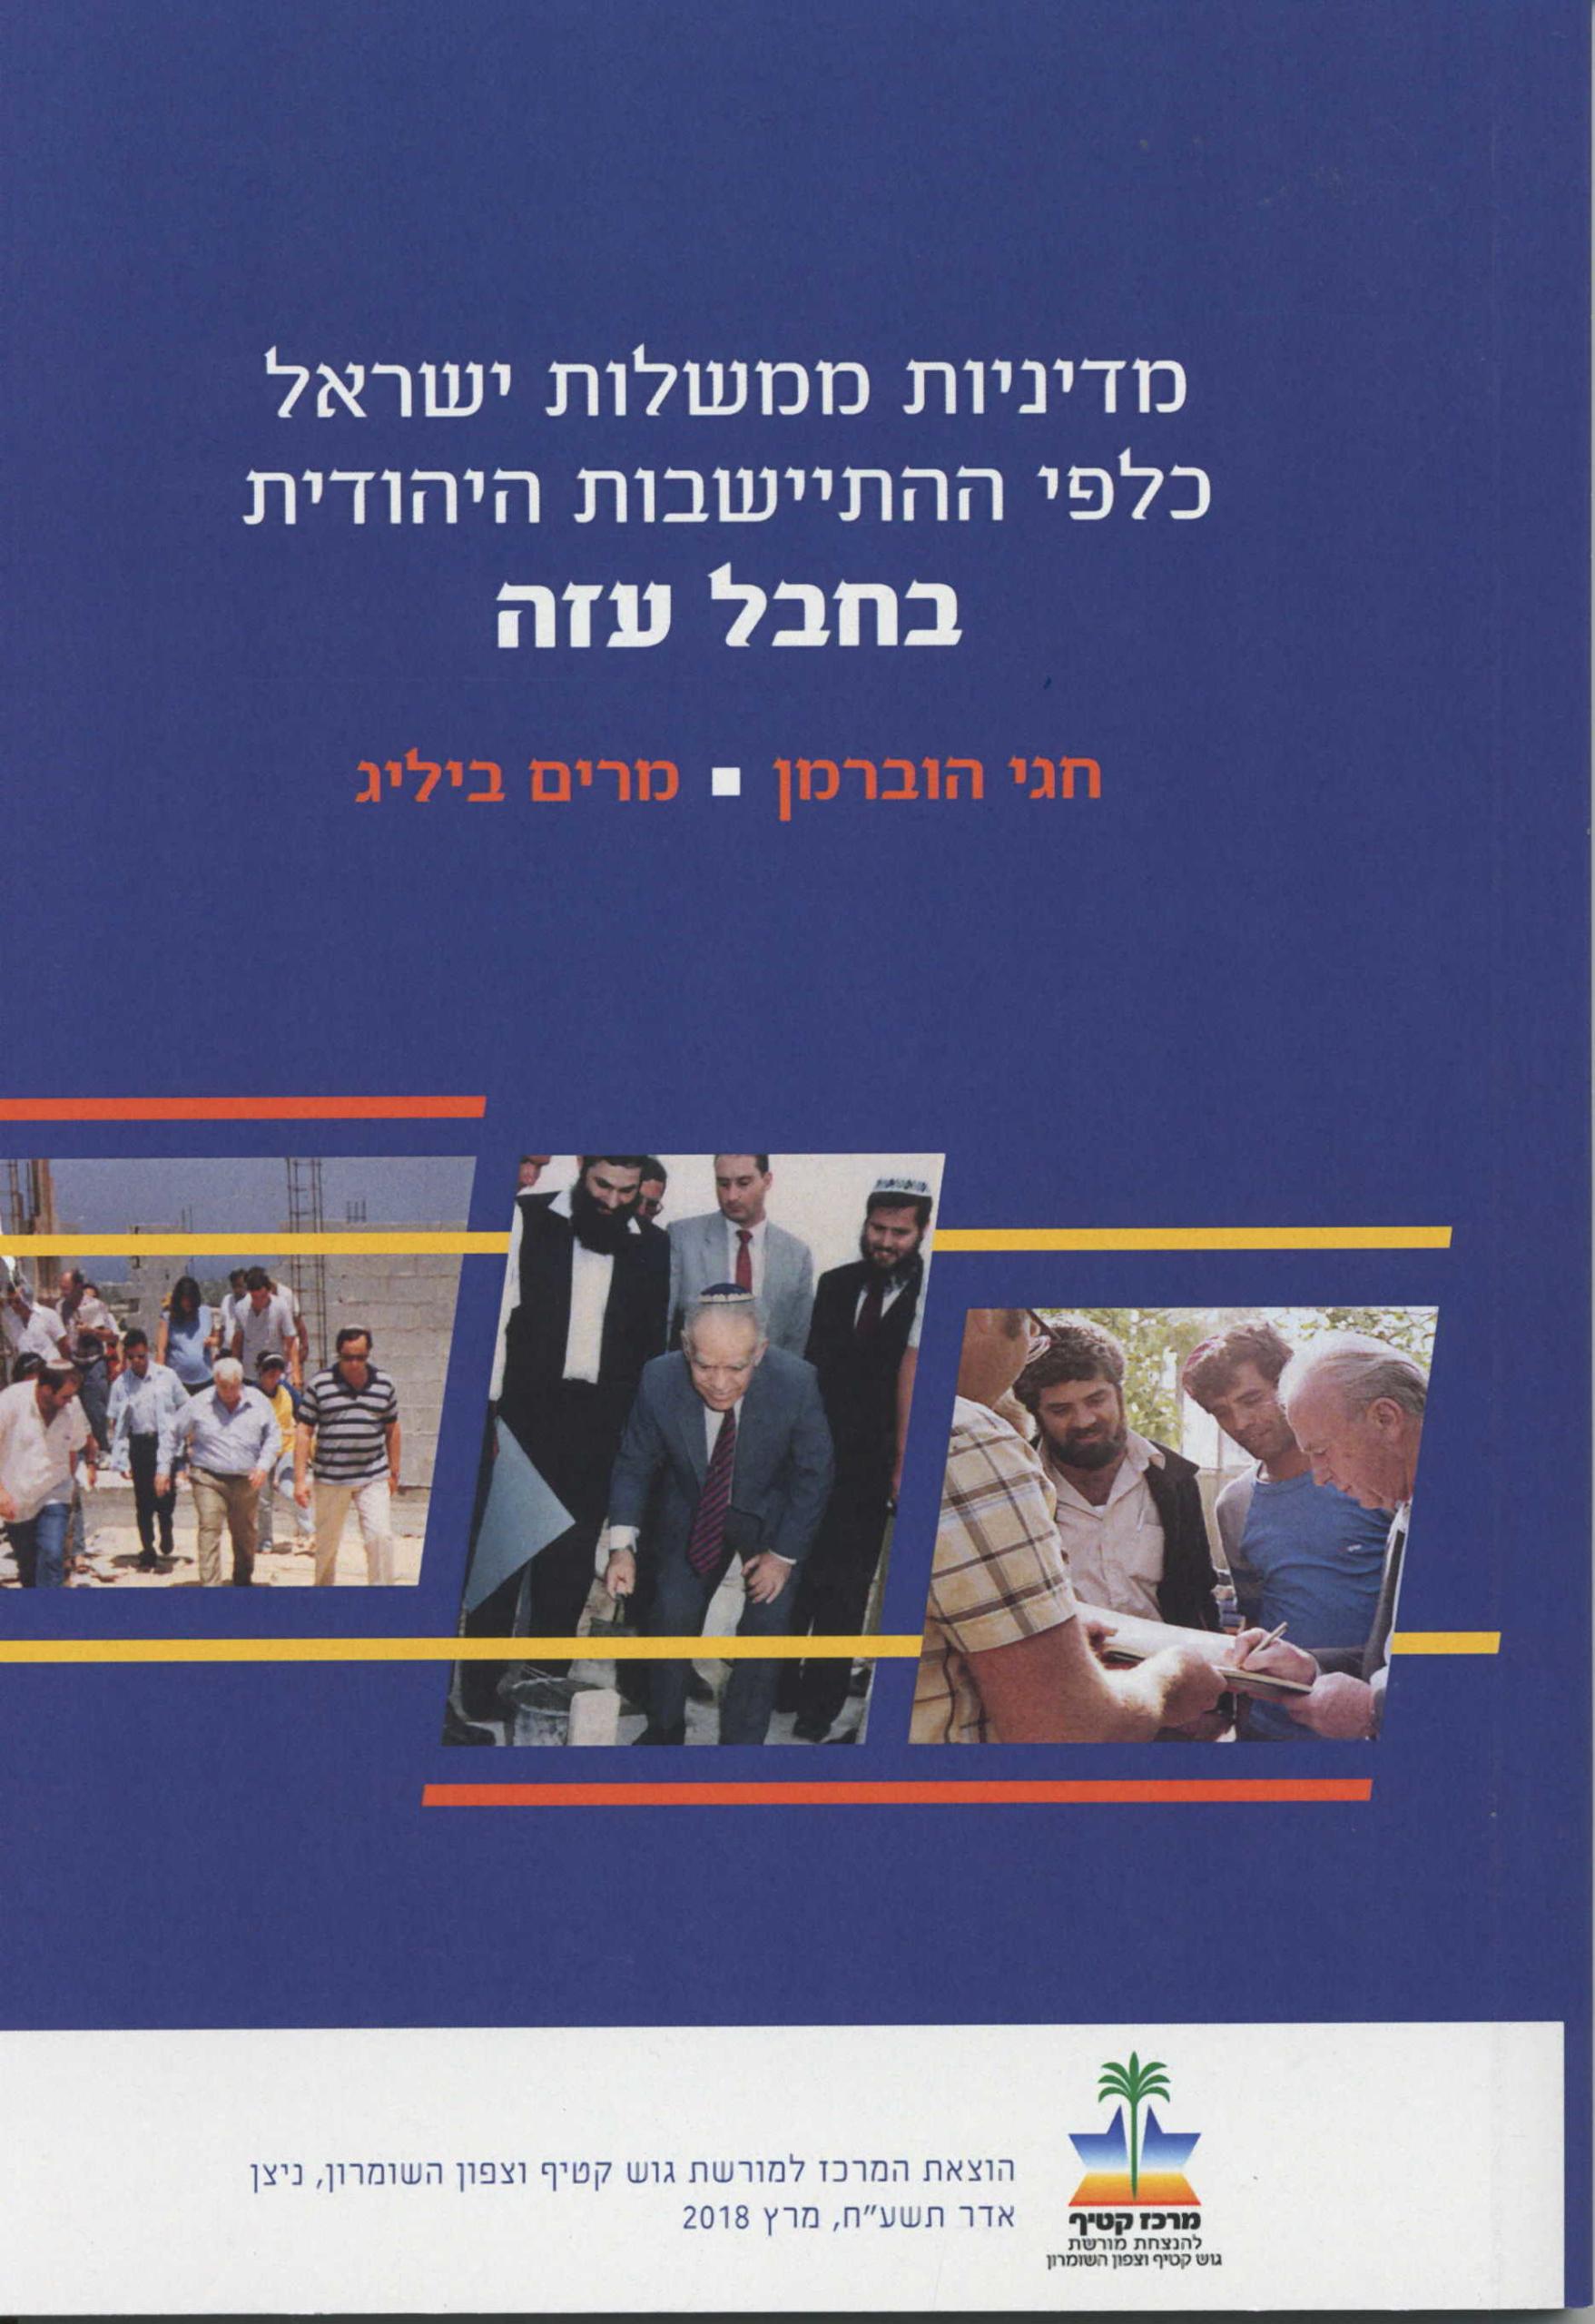 מדיניות ממשלות ישראל כלפי ההתיישבות היהודית בחבל עזה